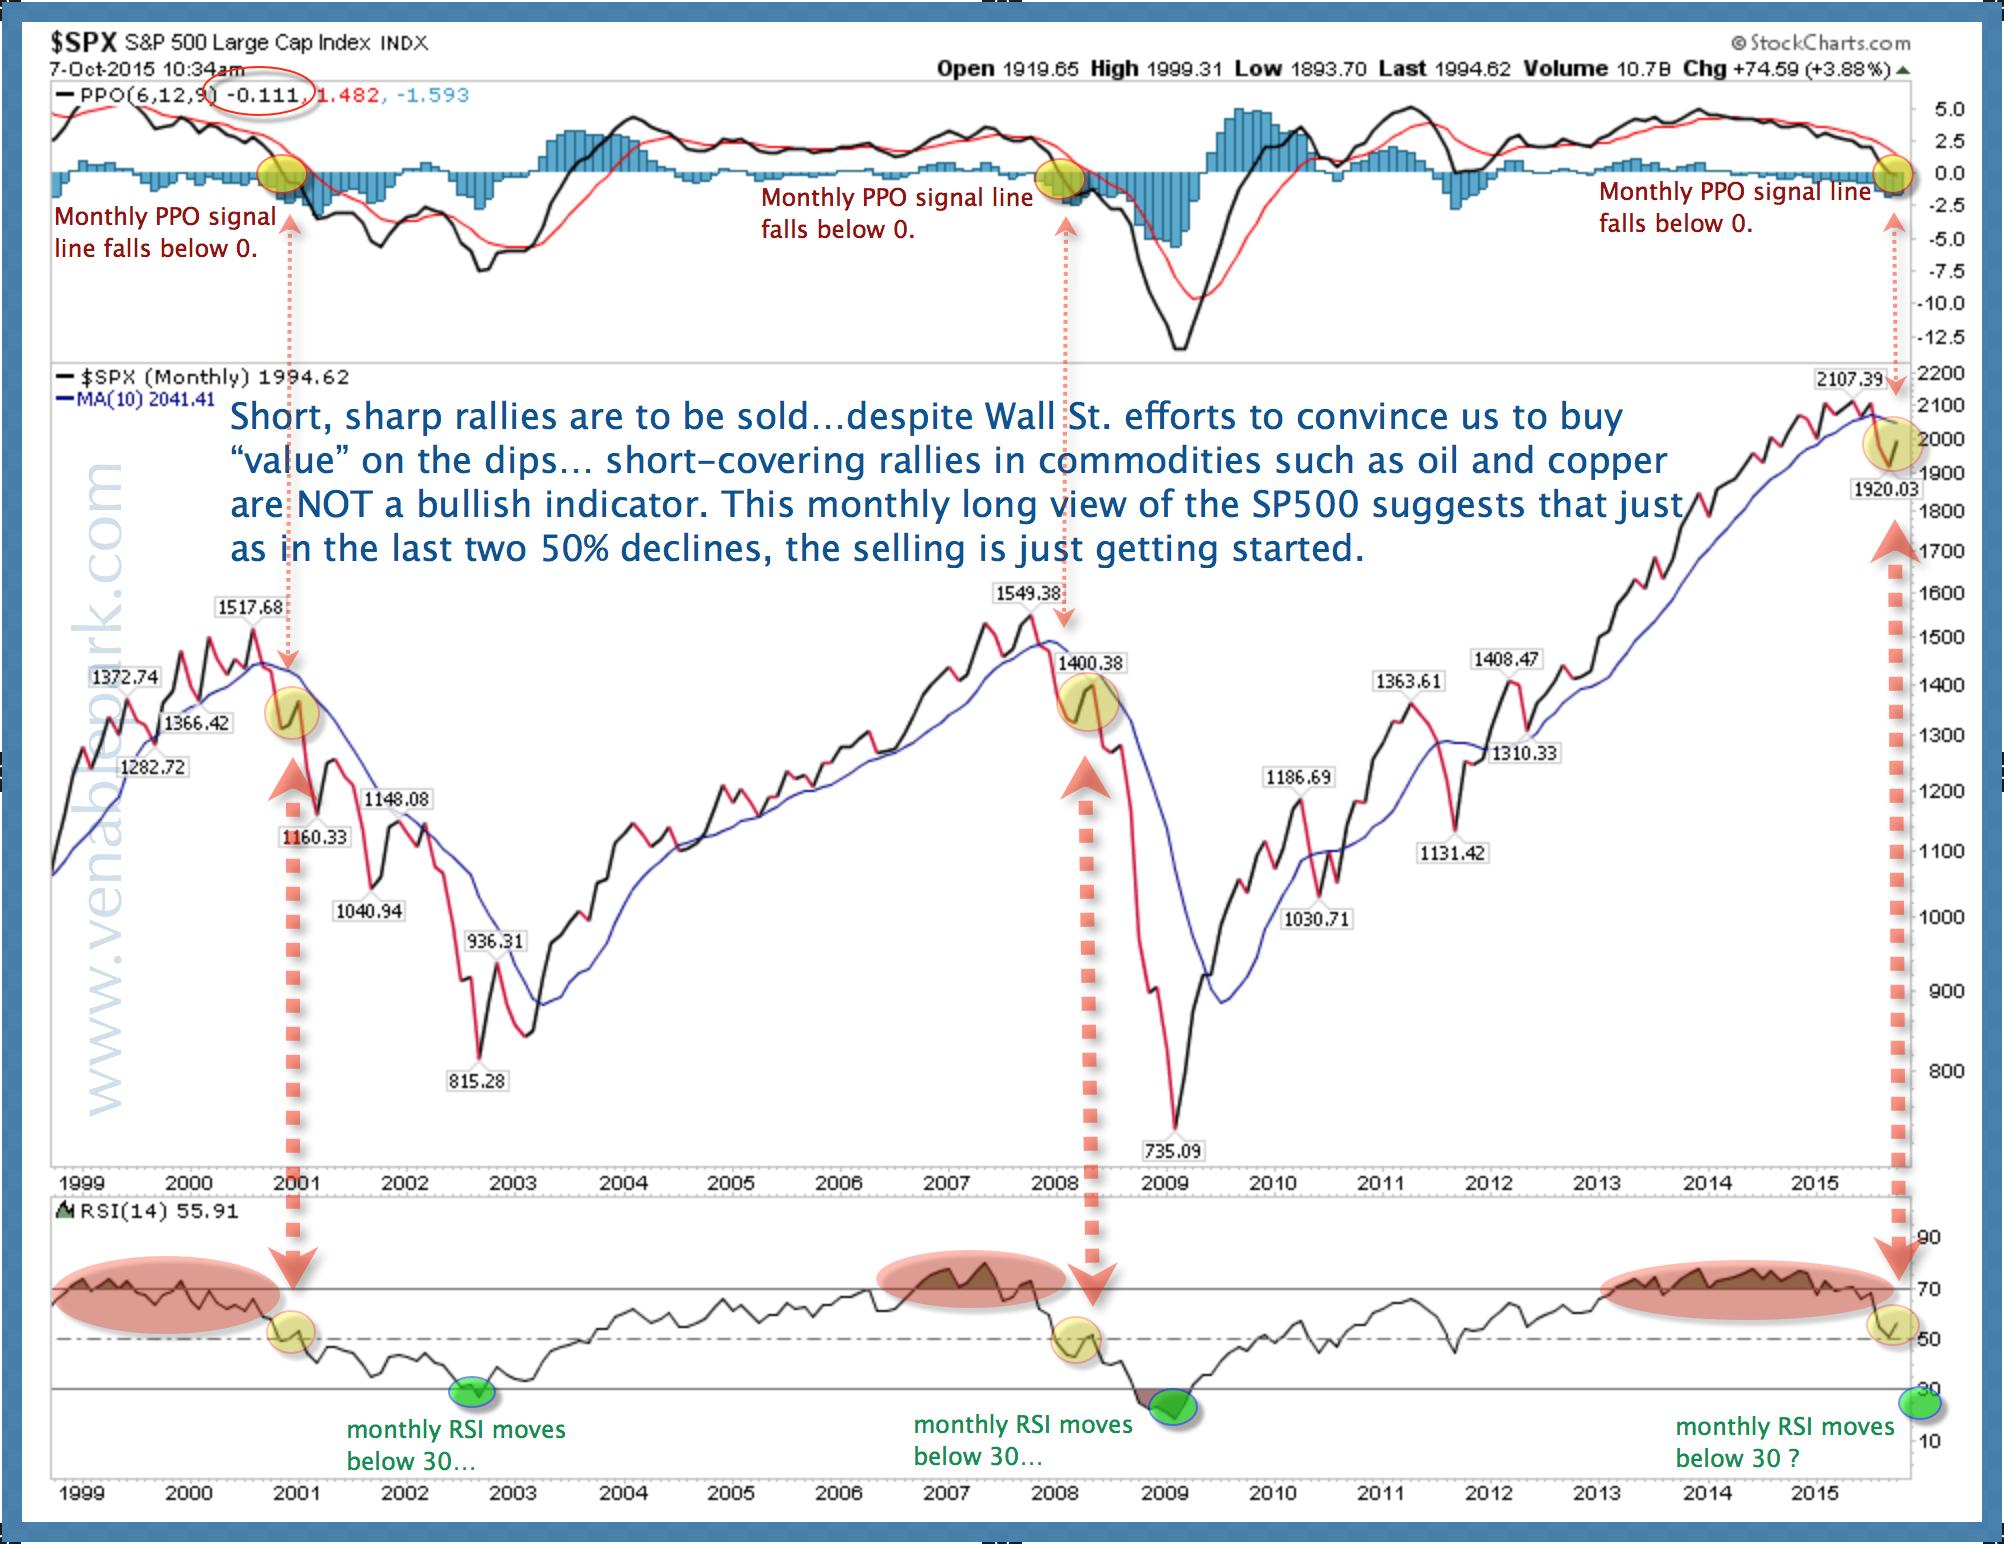 S&P 500 Oct 7, 2015